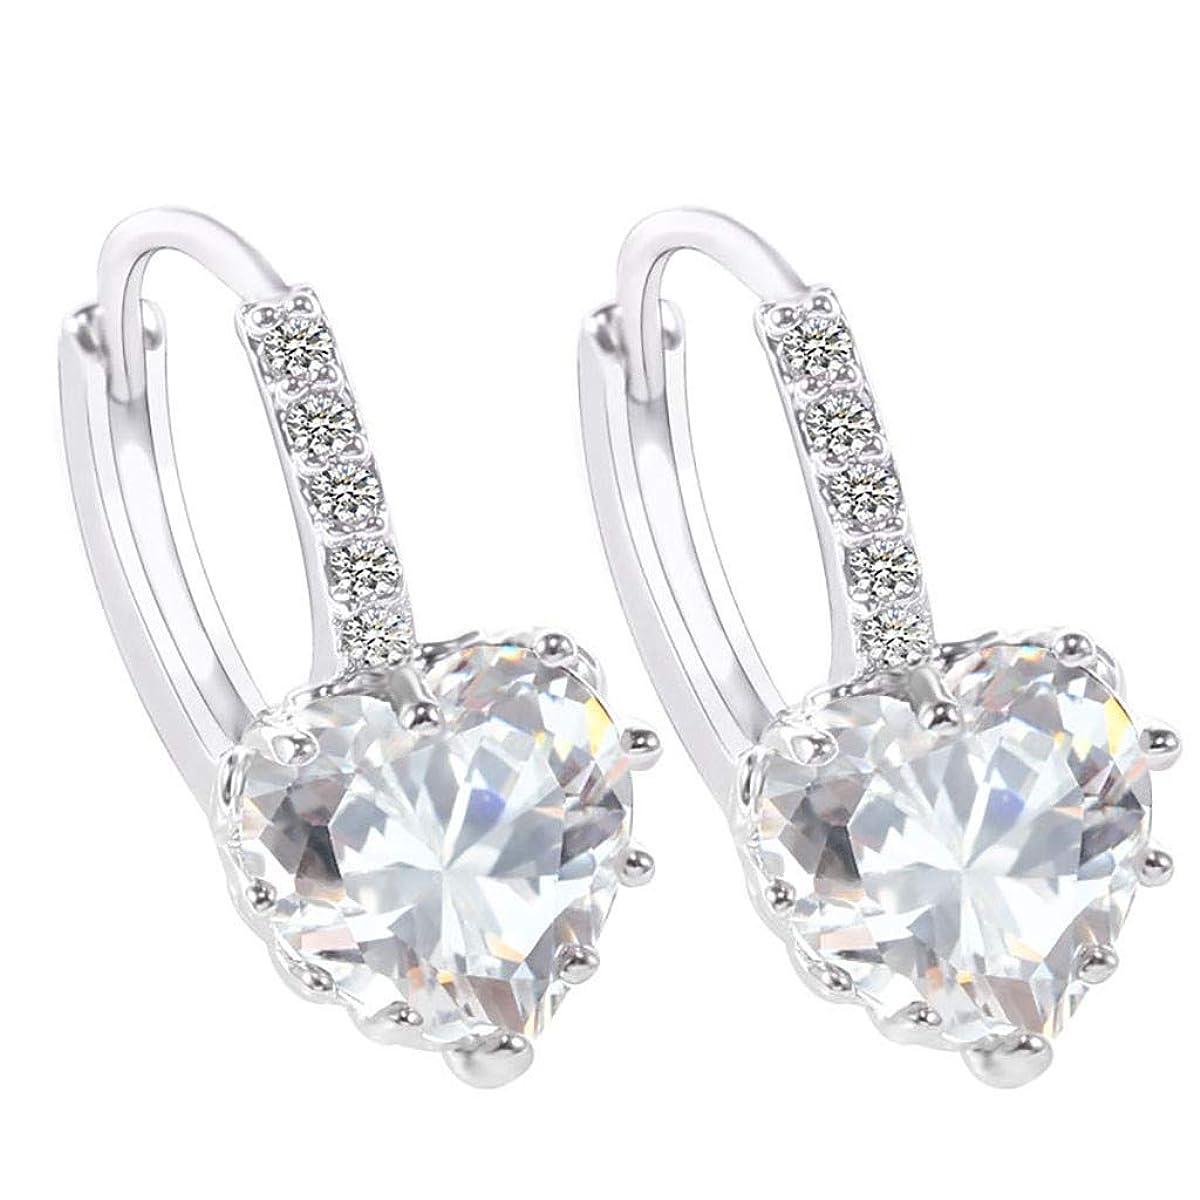 Nihewoo Womens Sliver Plated Clip on Earrings Cubic Zirconia Stud Earrings Heart-Shaped EarringsDangle Earrings Wedding Prom